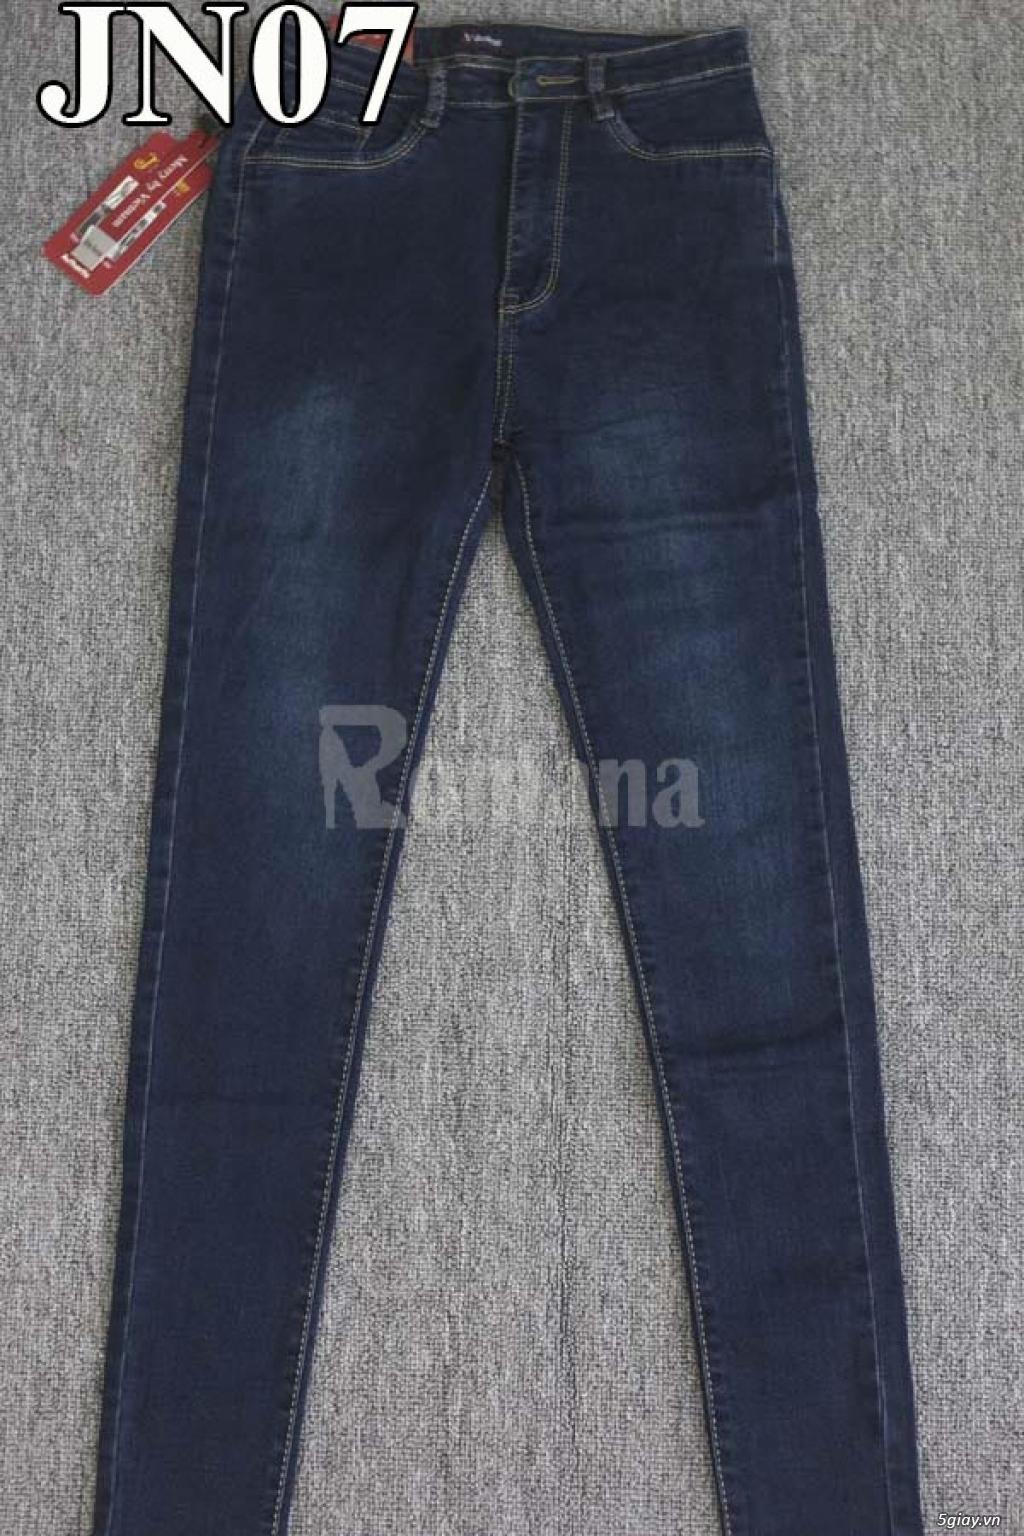 Cty ROMANA chuyên bán sỉ lẻ quần jean nam, giày nữ cao cấp giá mềm(LH: 0904905116)